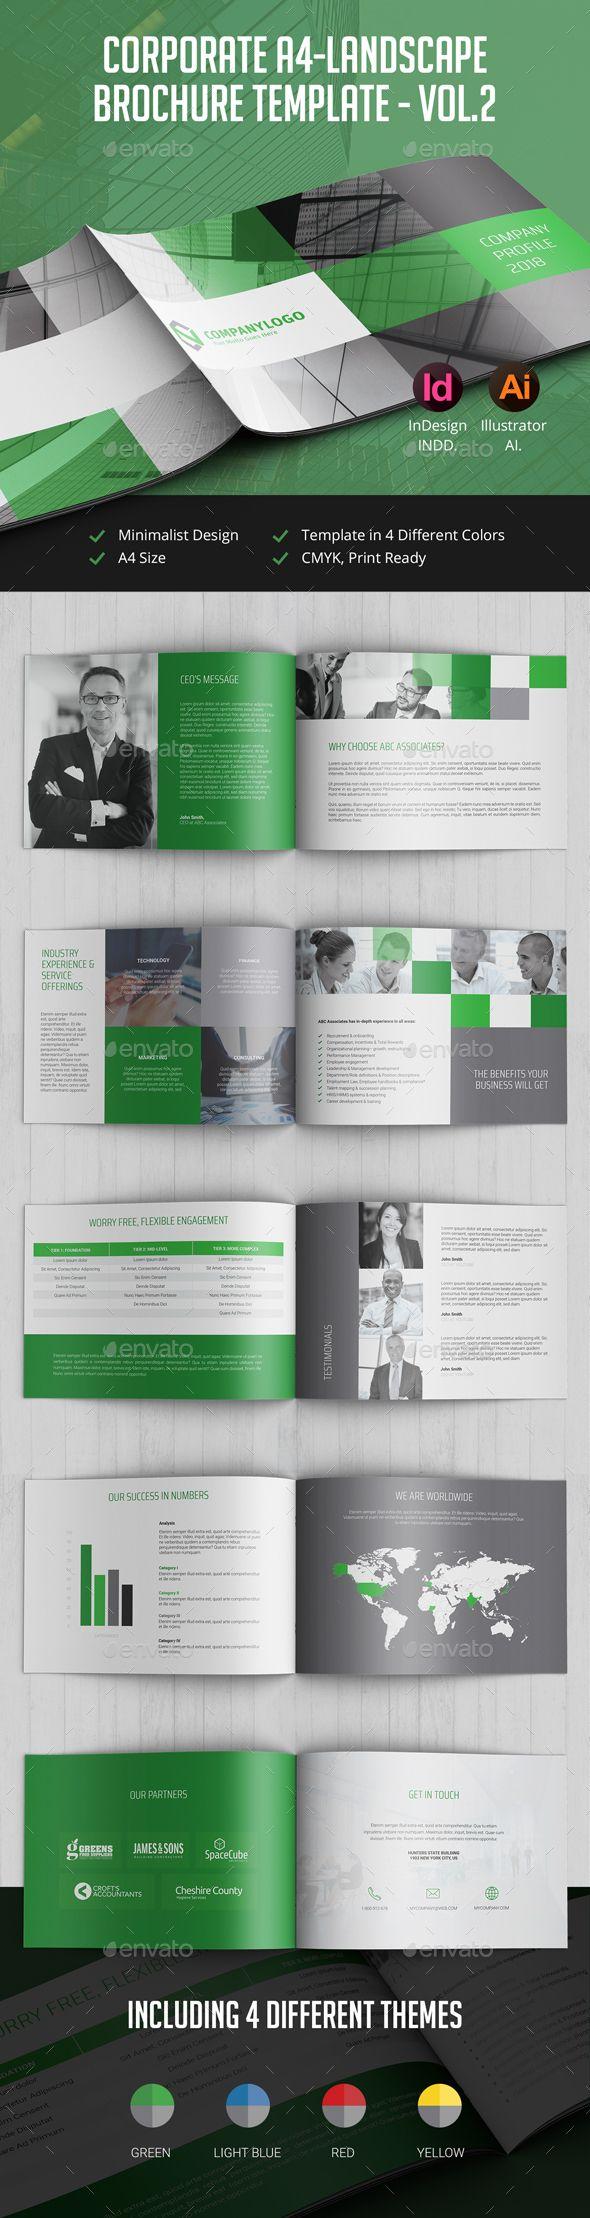 Corporate Landscape Brochure Template InDesign INDD AI Illustrator - Landscape brochure template